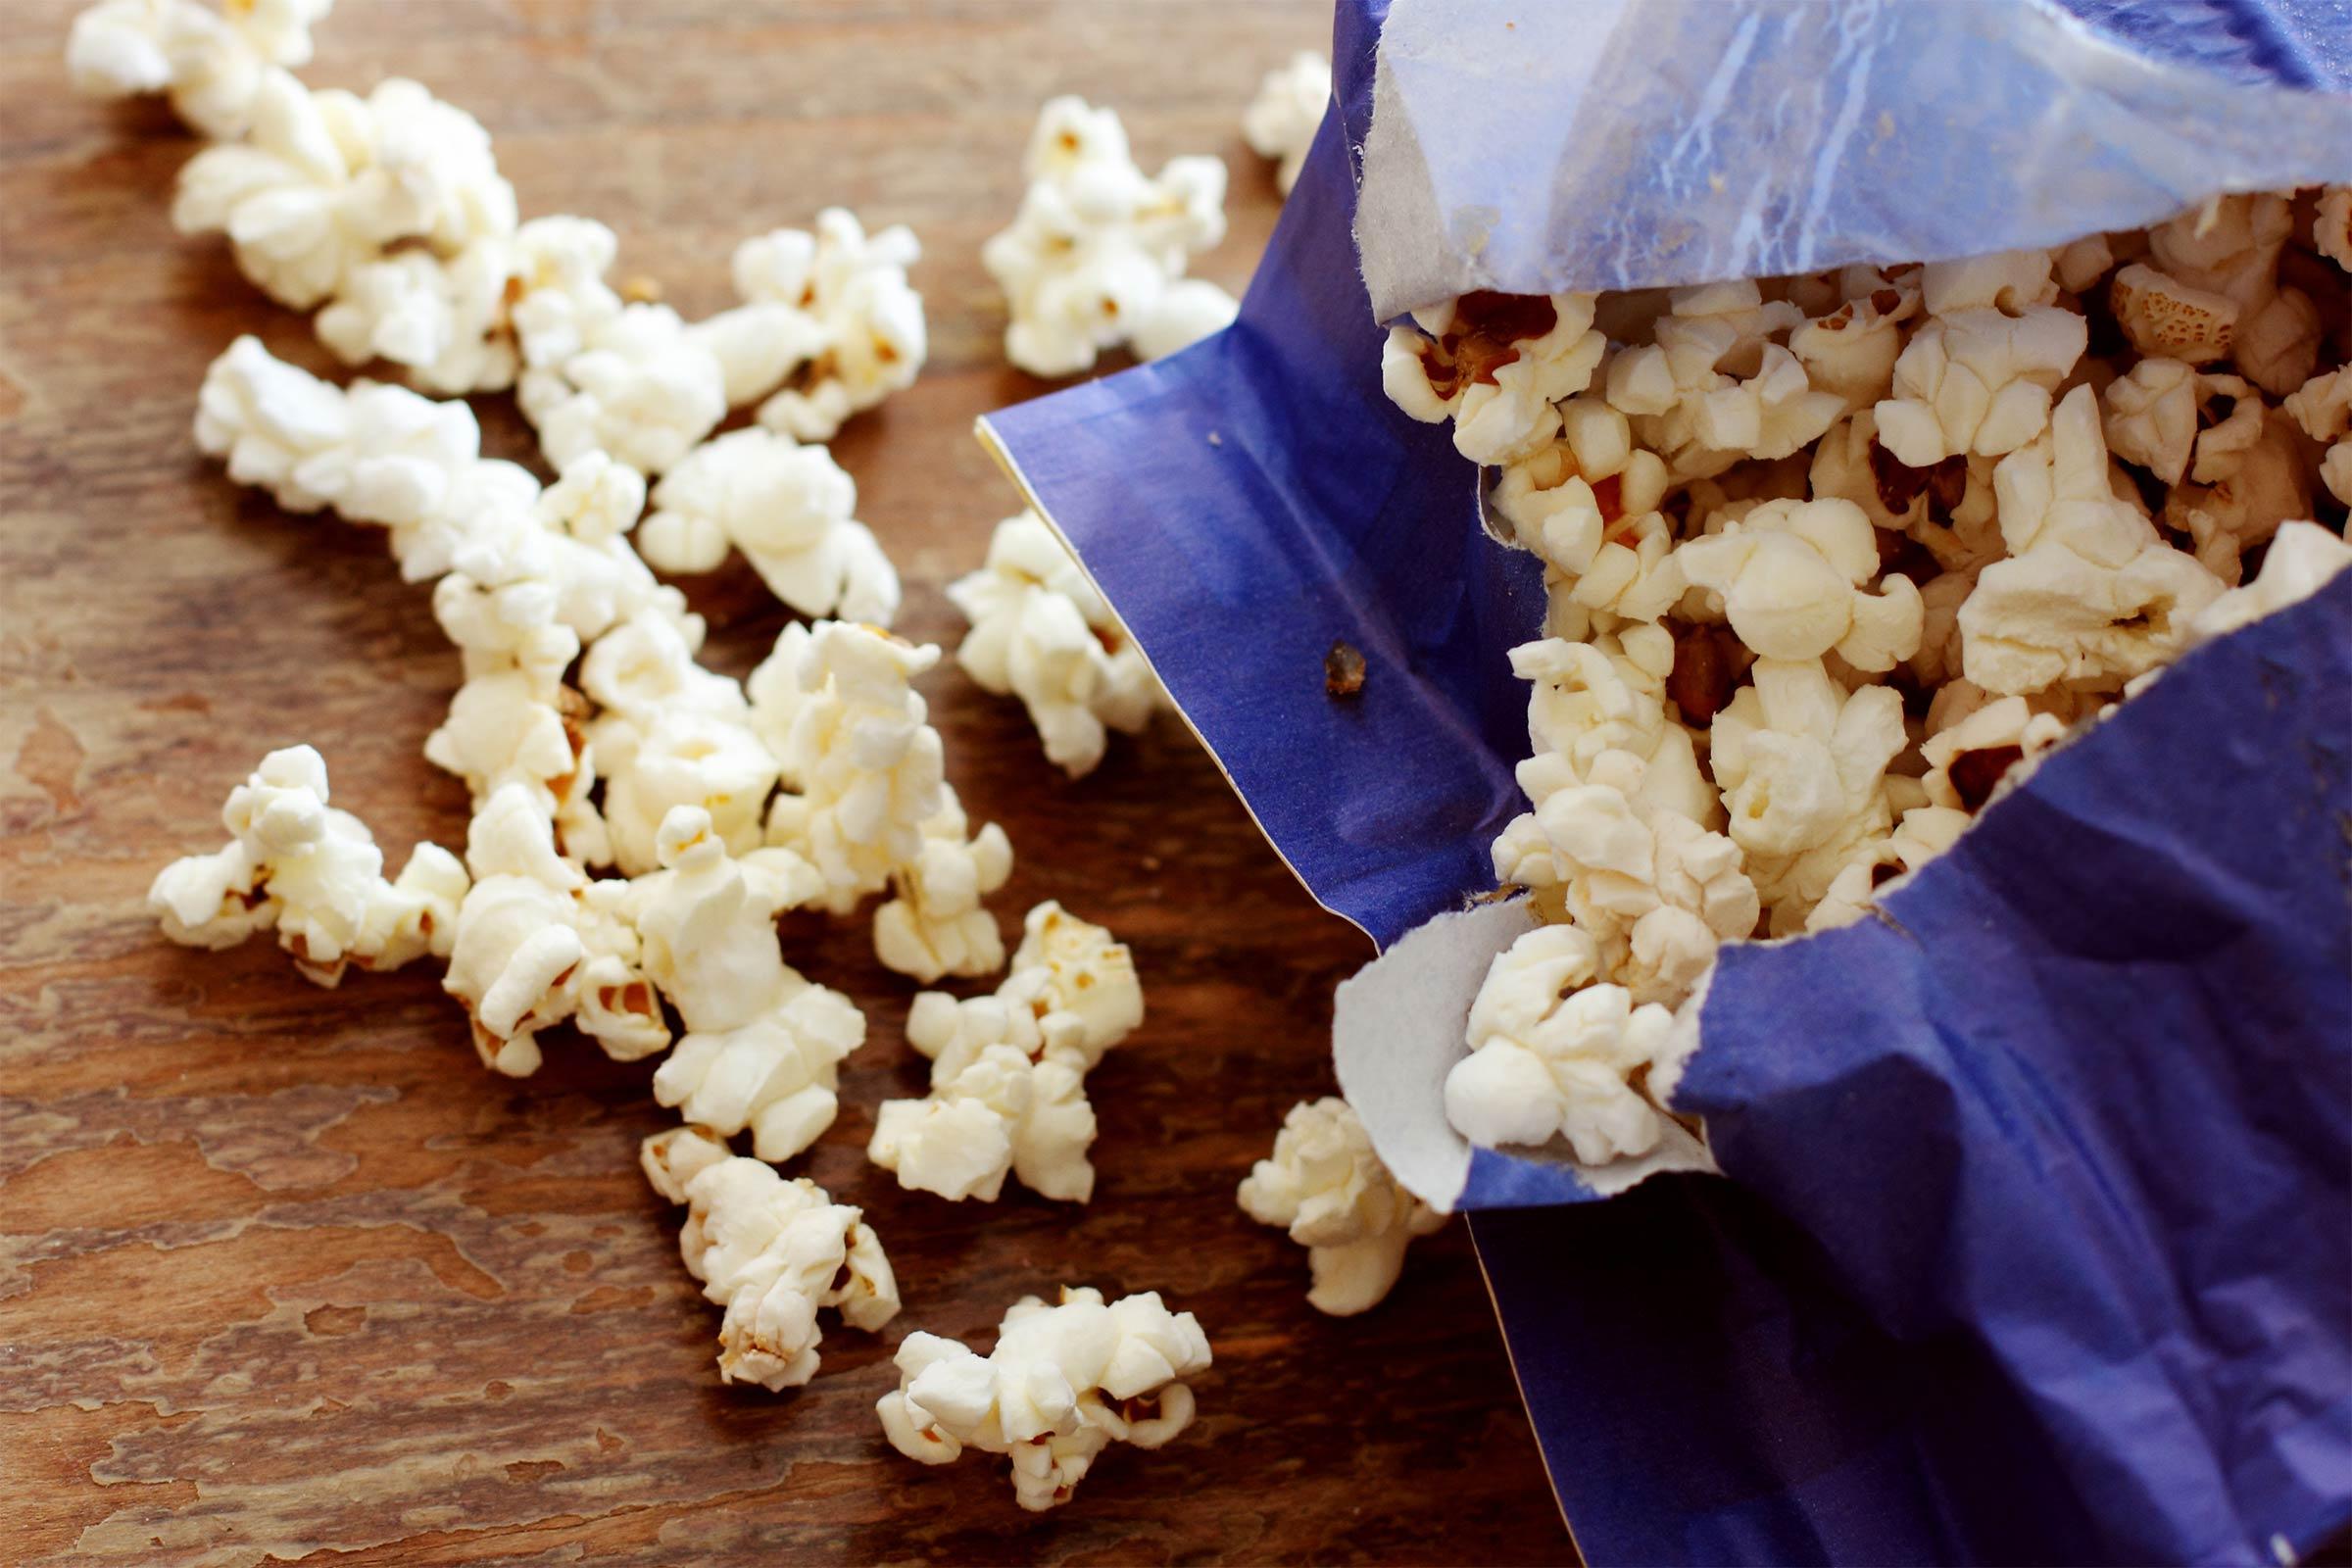 Безобидный на первый взгляд попкорн содержит огромное количество спреда — искусственного сливо